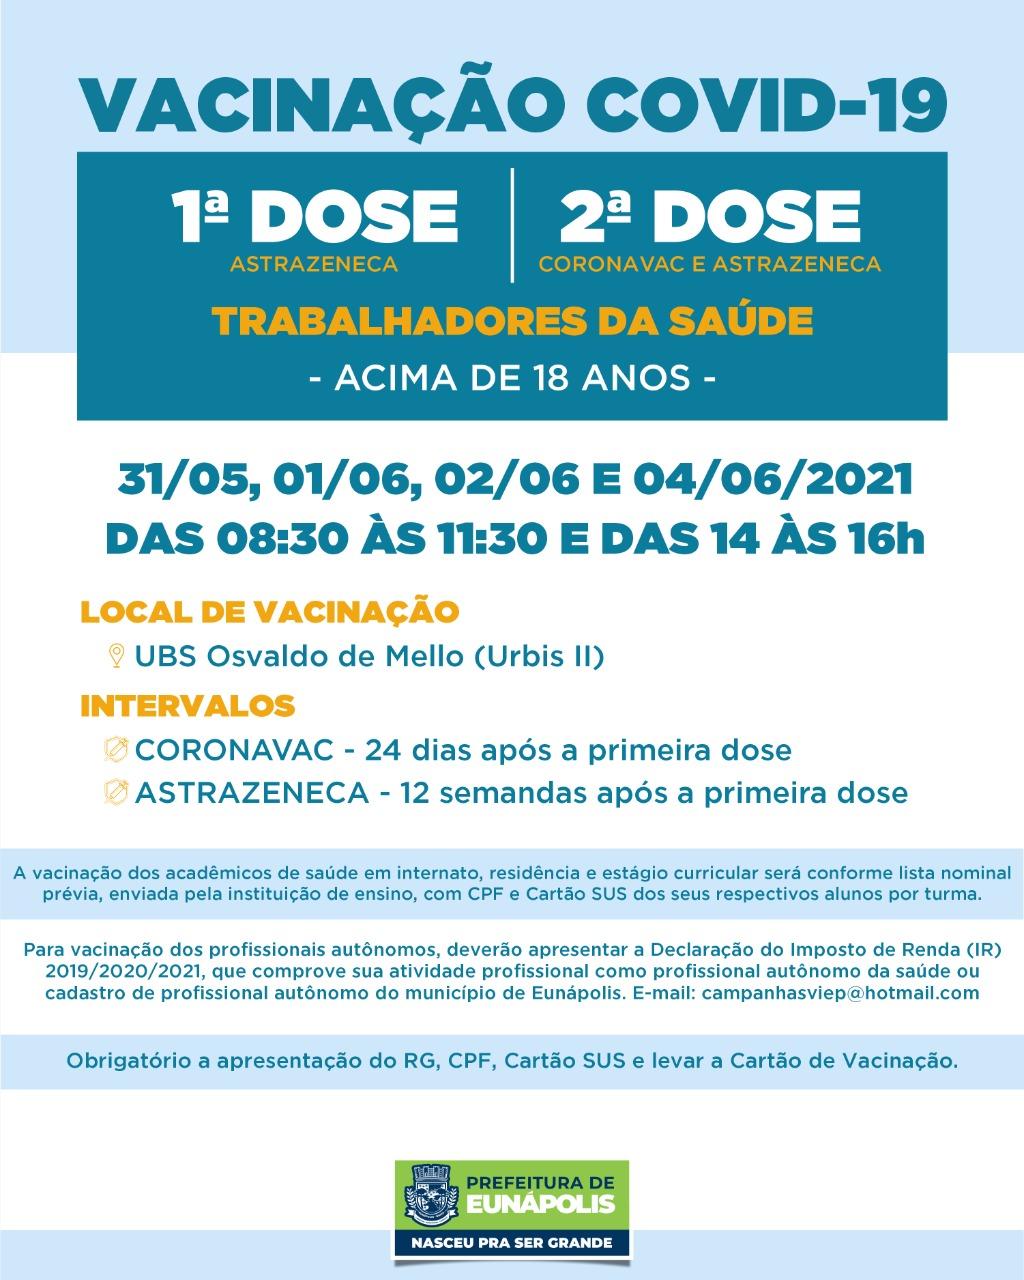 Secretaria de Saúde de Eunápolis informa o cronograma da semana de vacinação contra à Covid-19 39